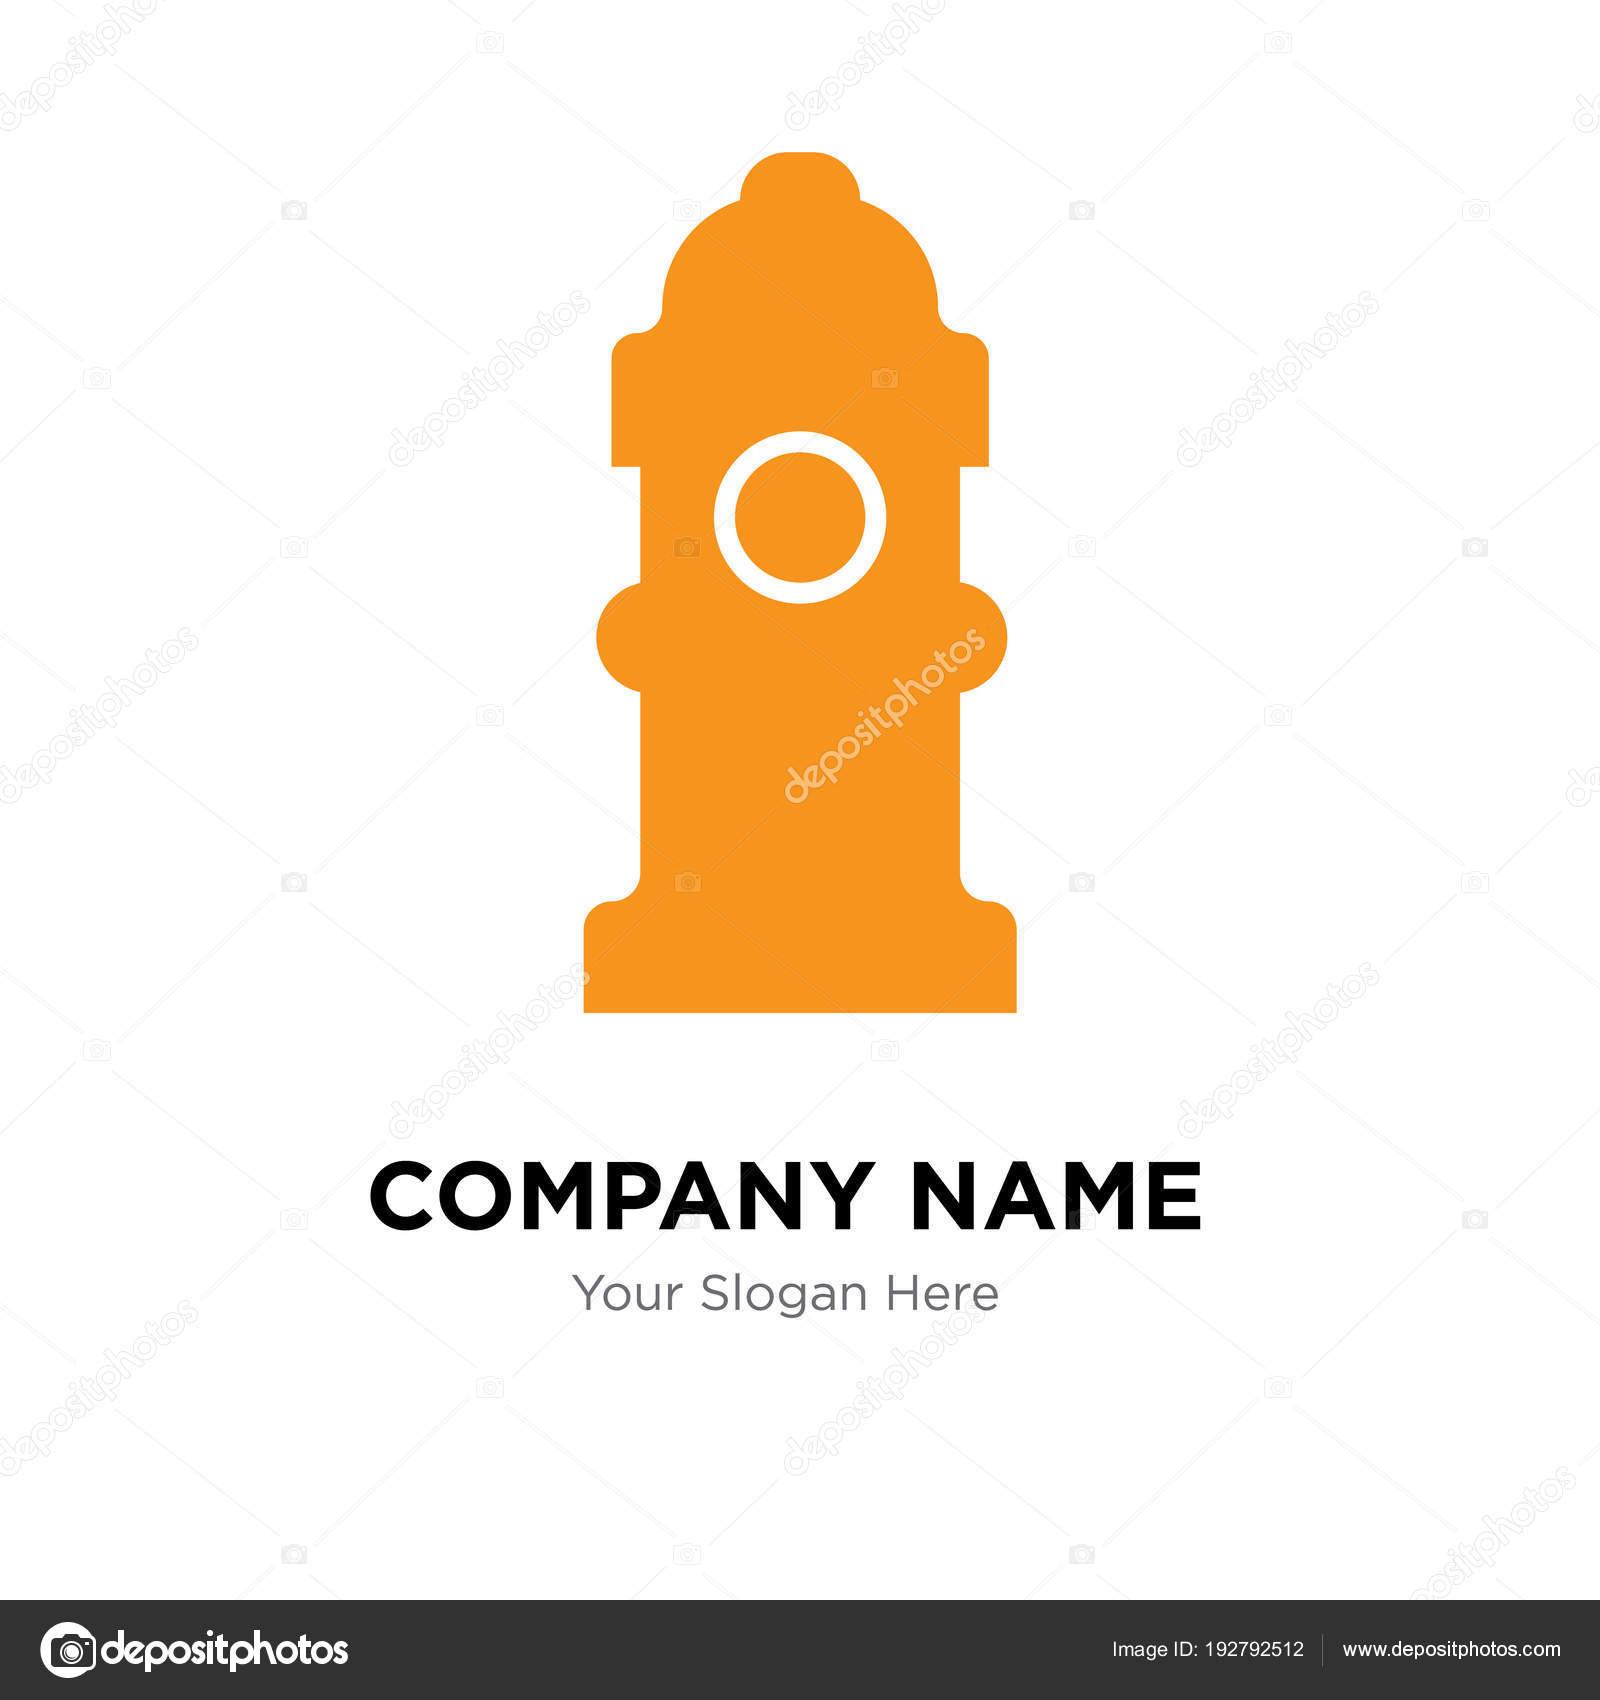 fire hydrant company logo design template stock vector